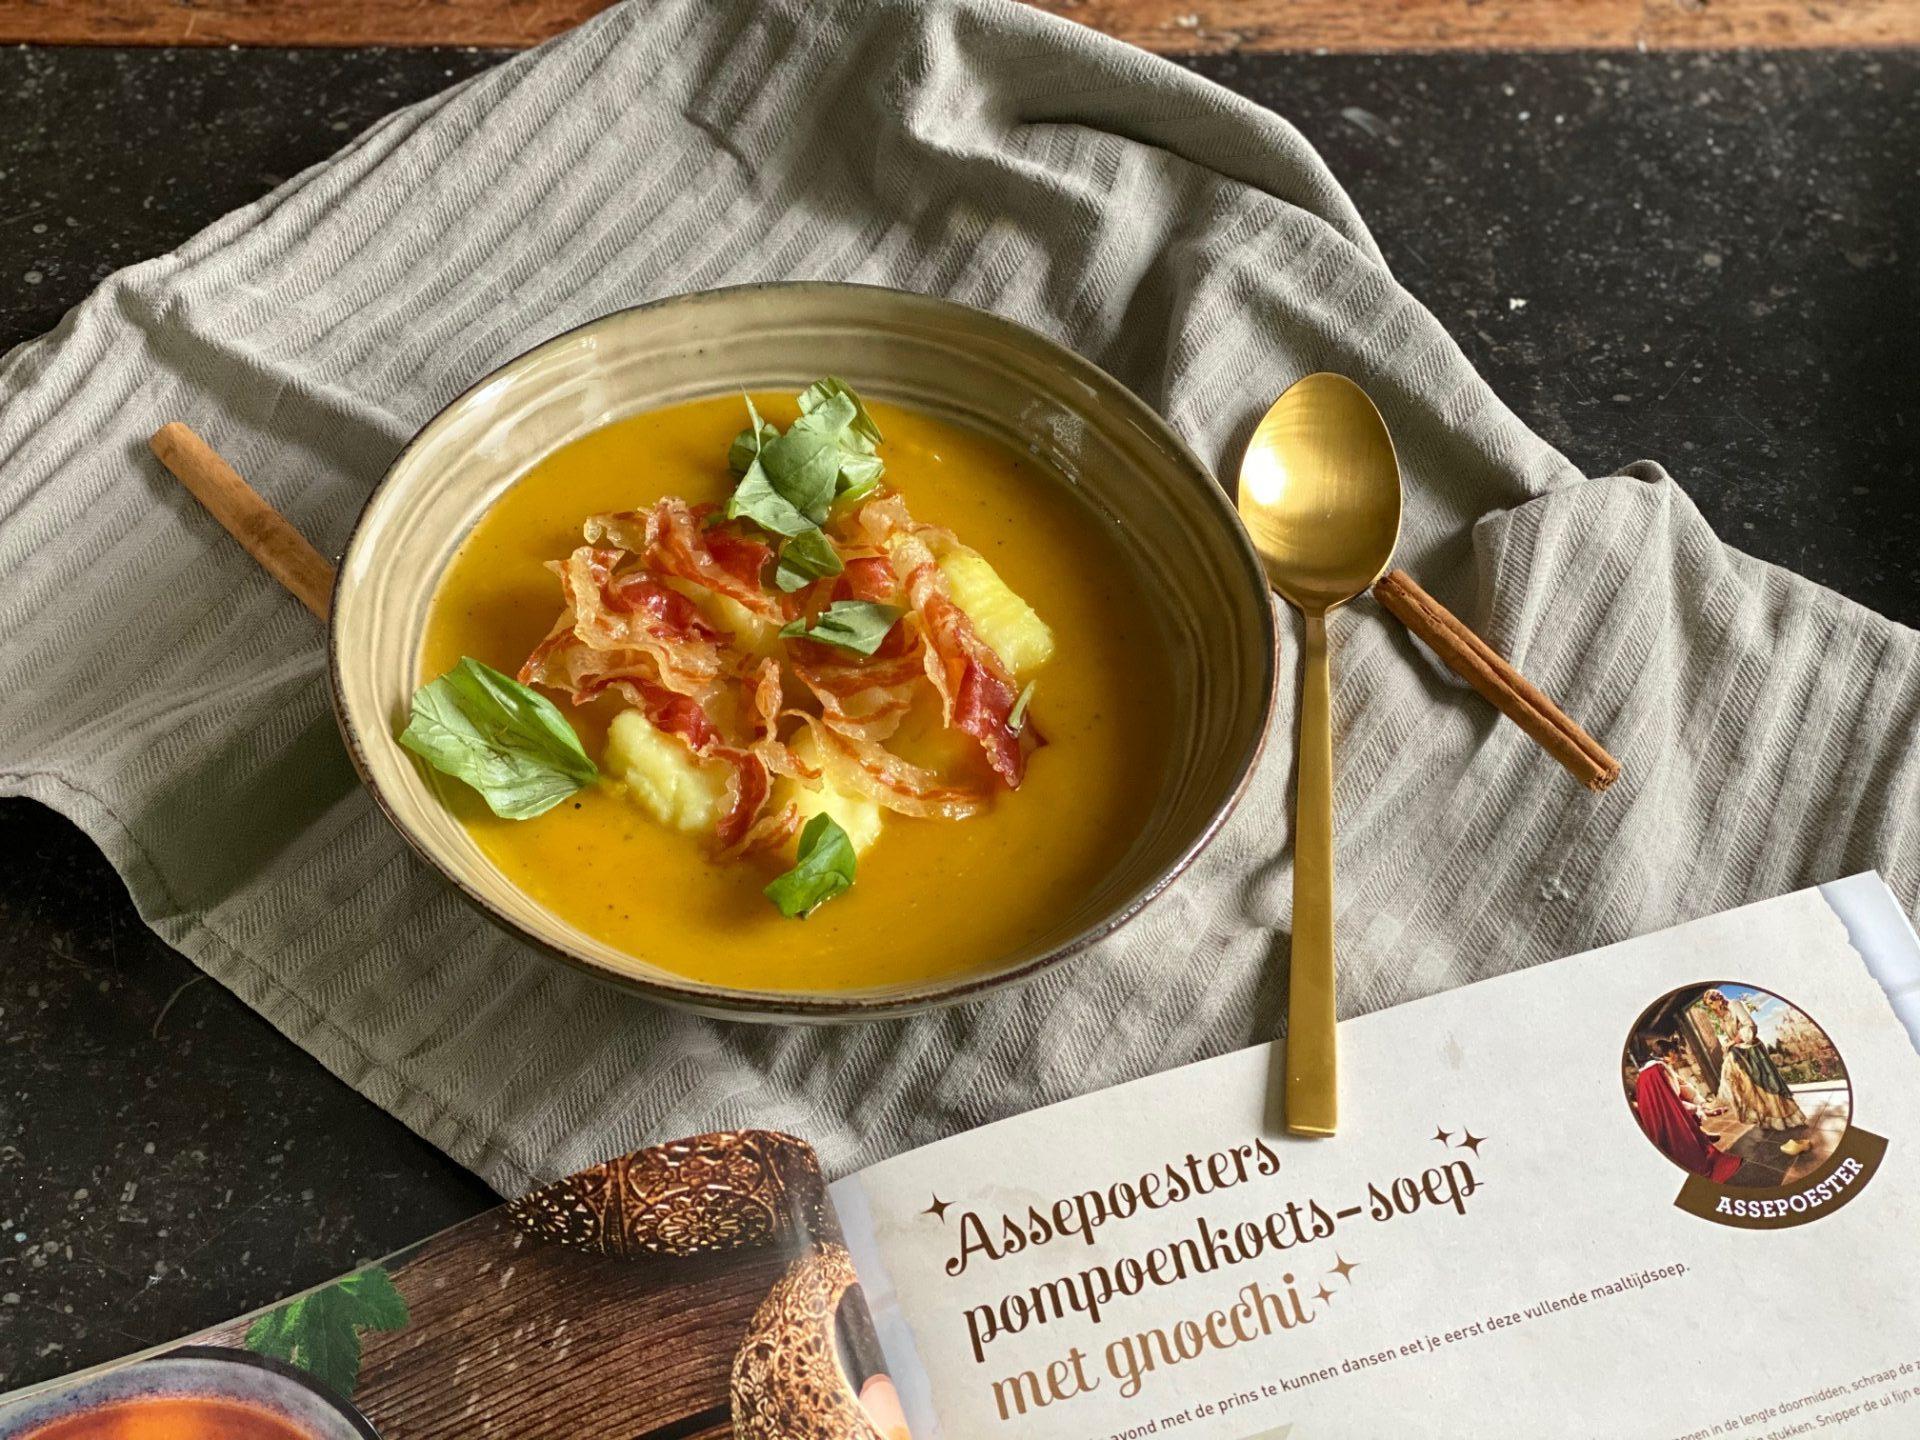 Pompoensoep met Gnocchi en Pancetta - Assepoester Pompoensoep recept uit Het Efteling Kookboek - Tips van Foodblog Foodinista